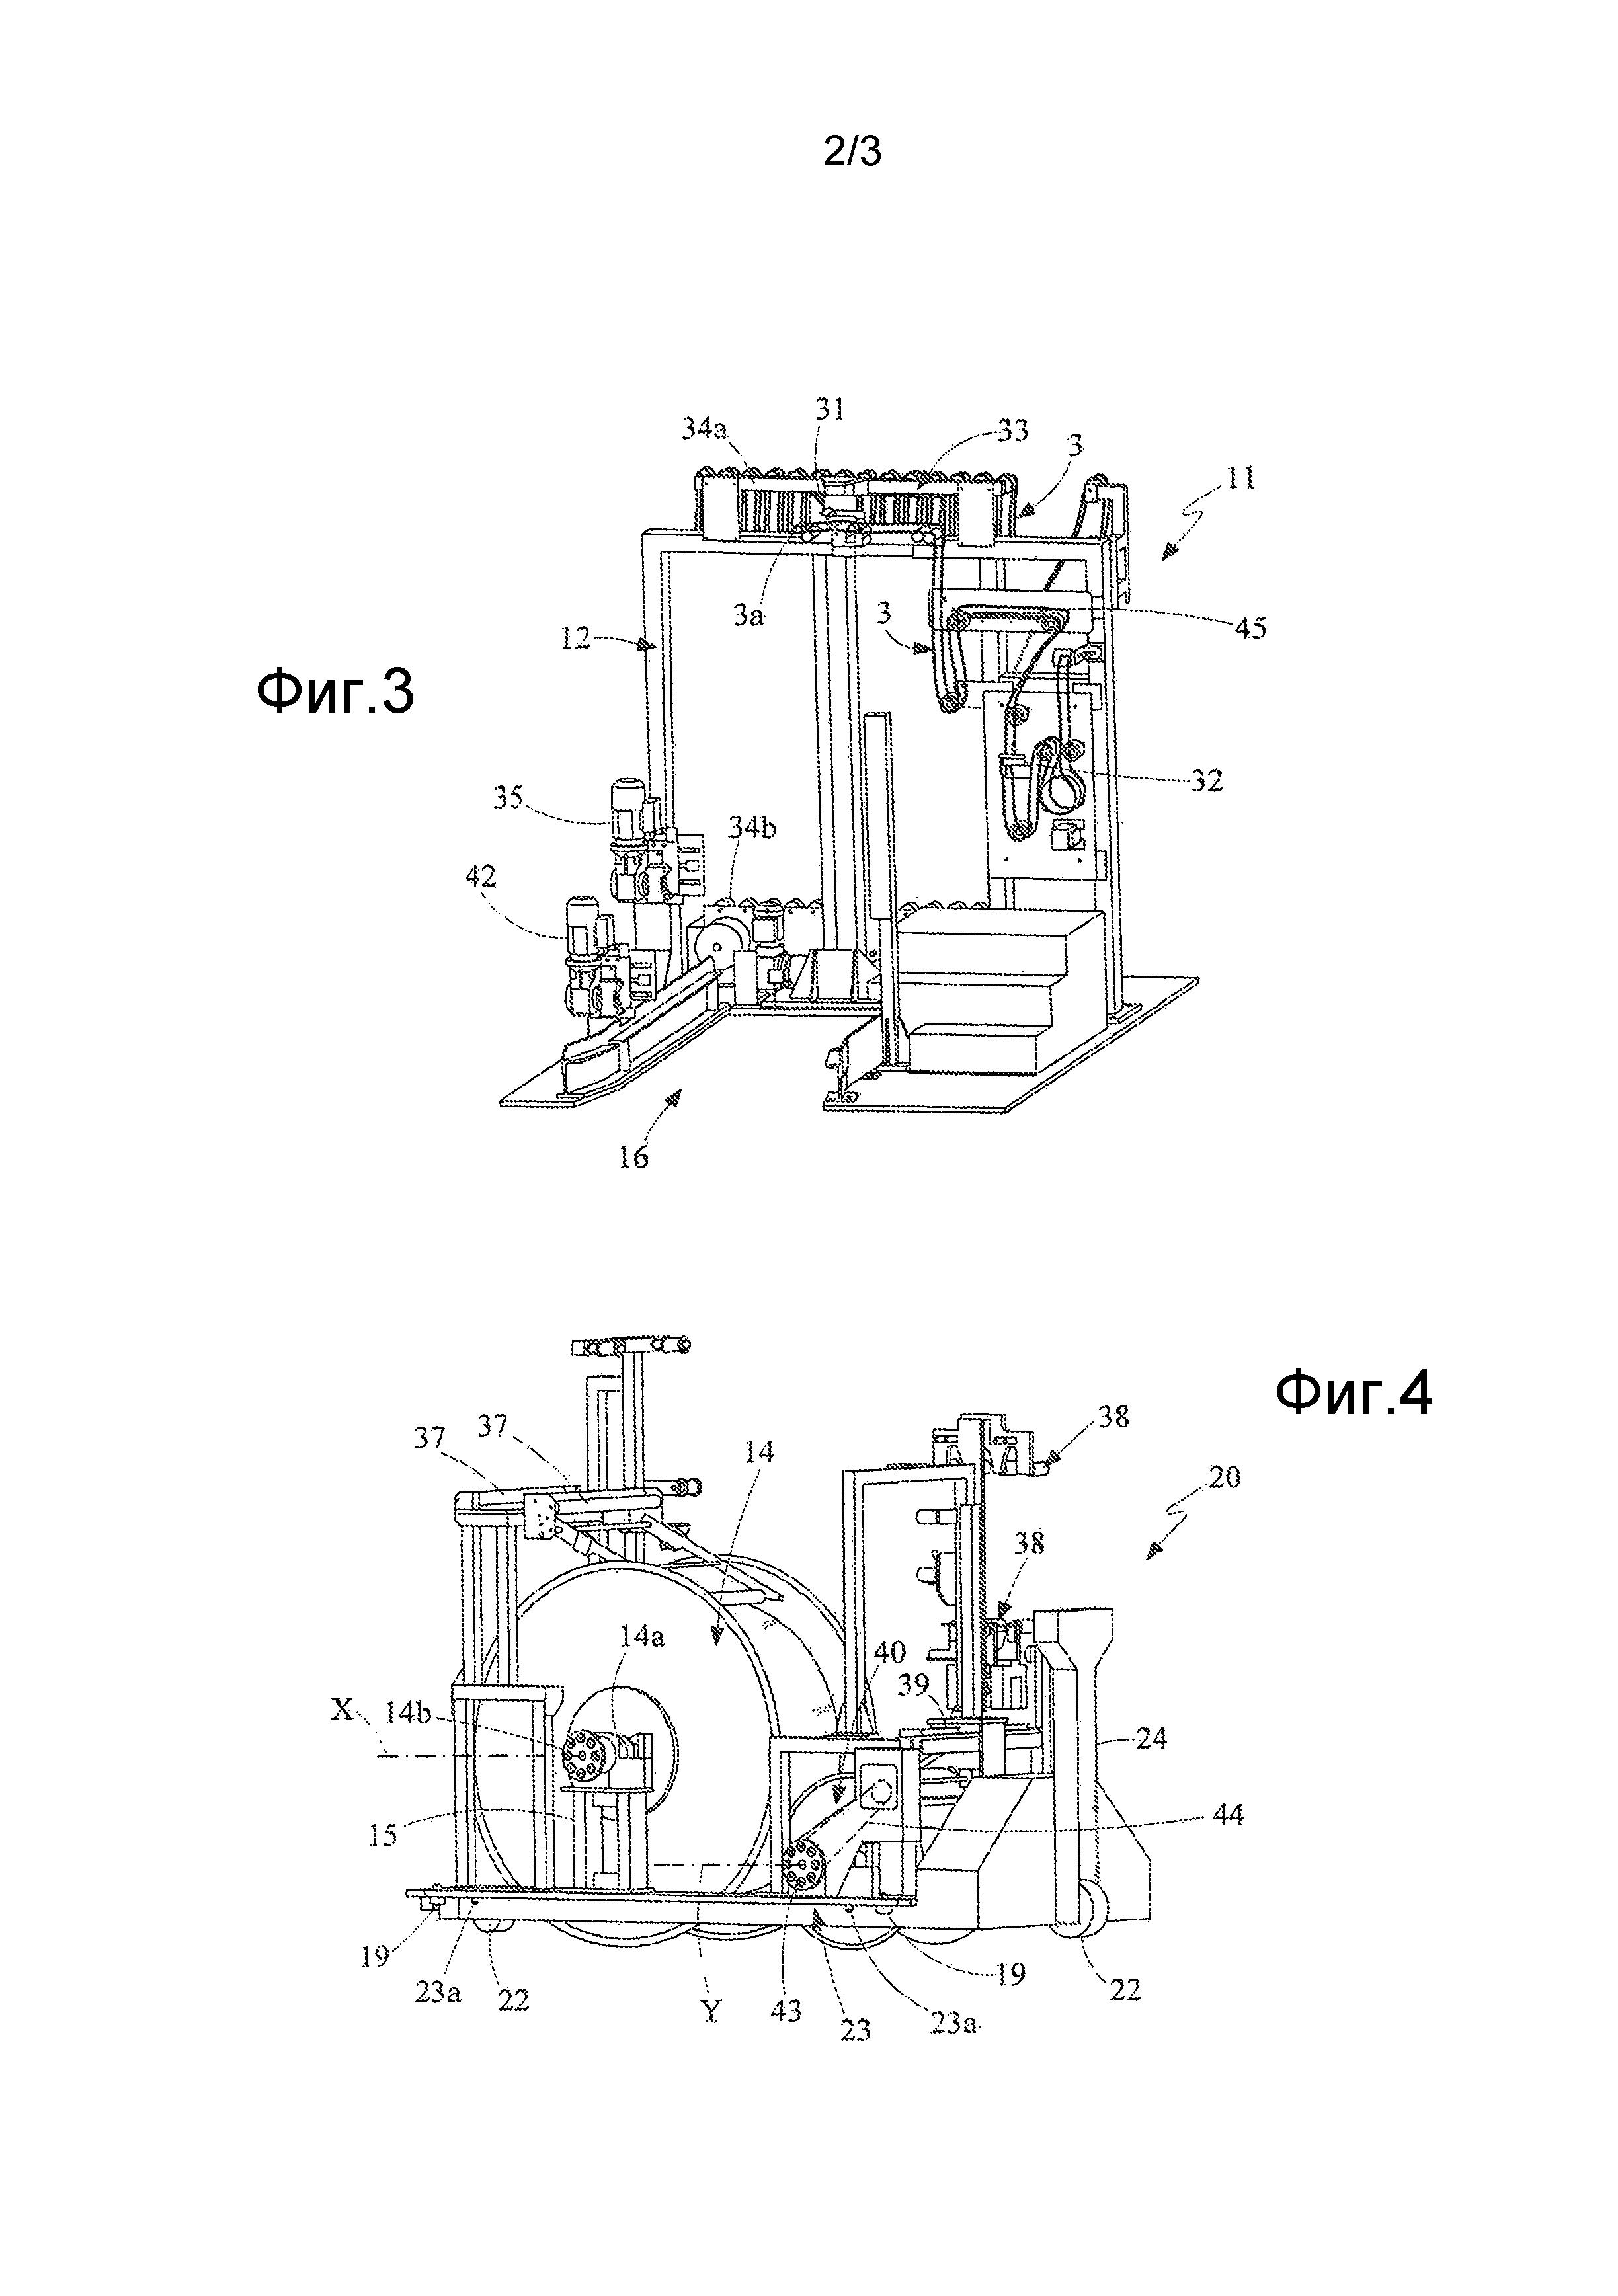 Способ управления подачей удлиненного элемента на станцию для сборки шин